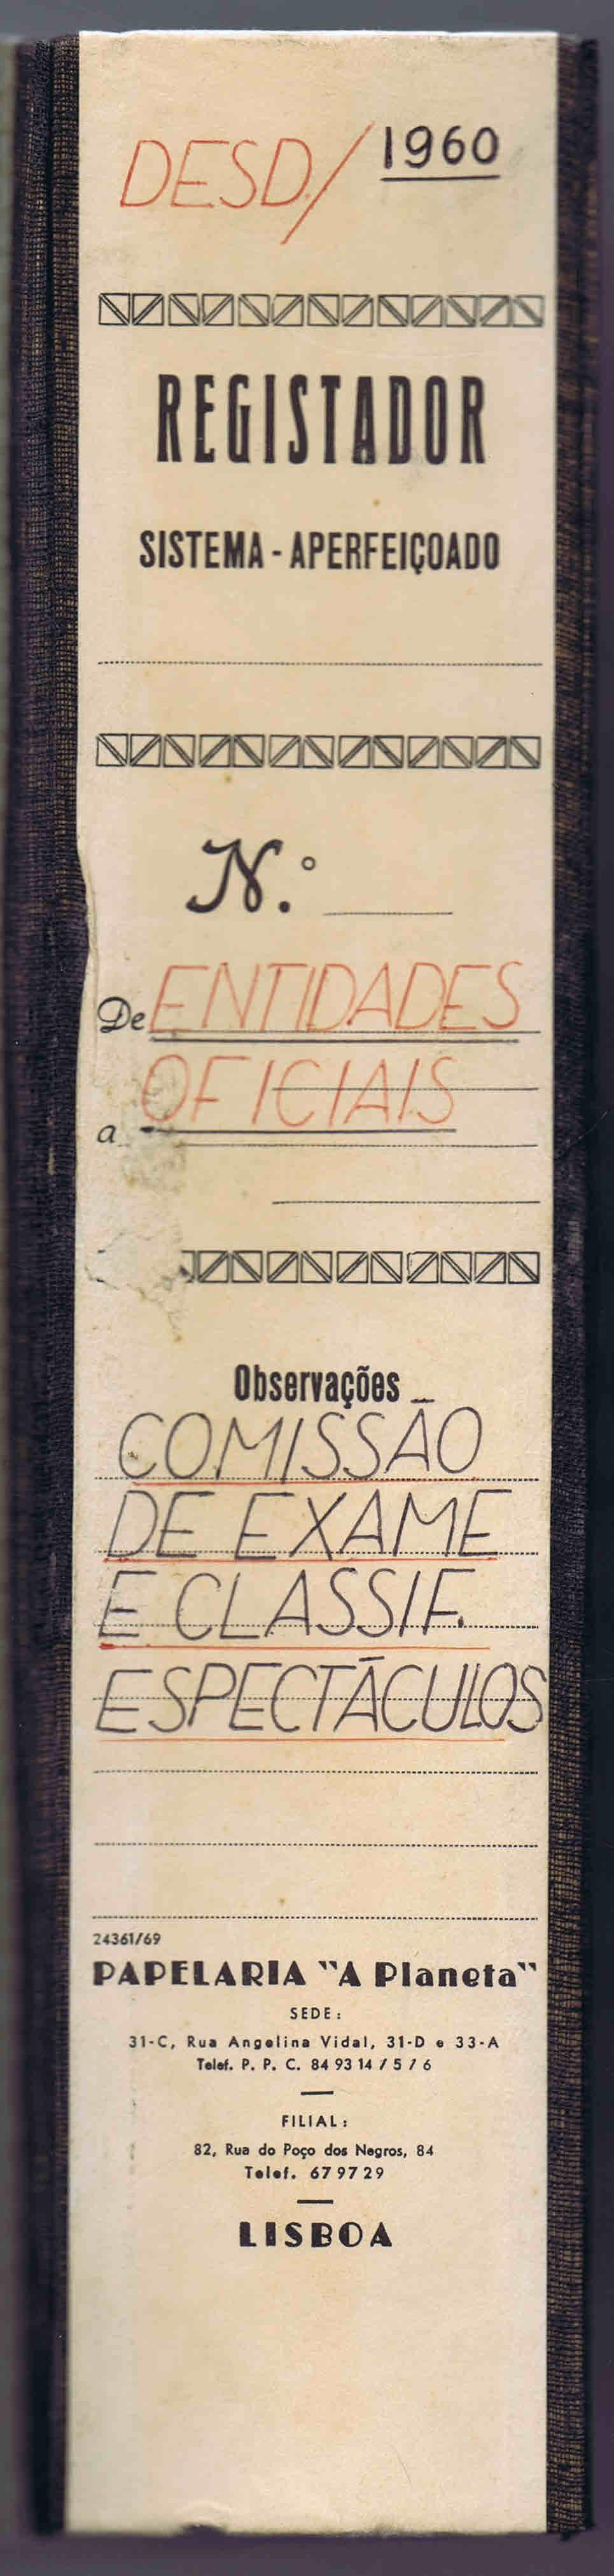 Document (16)SSSSS